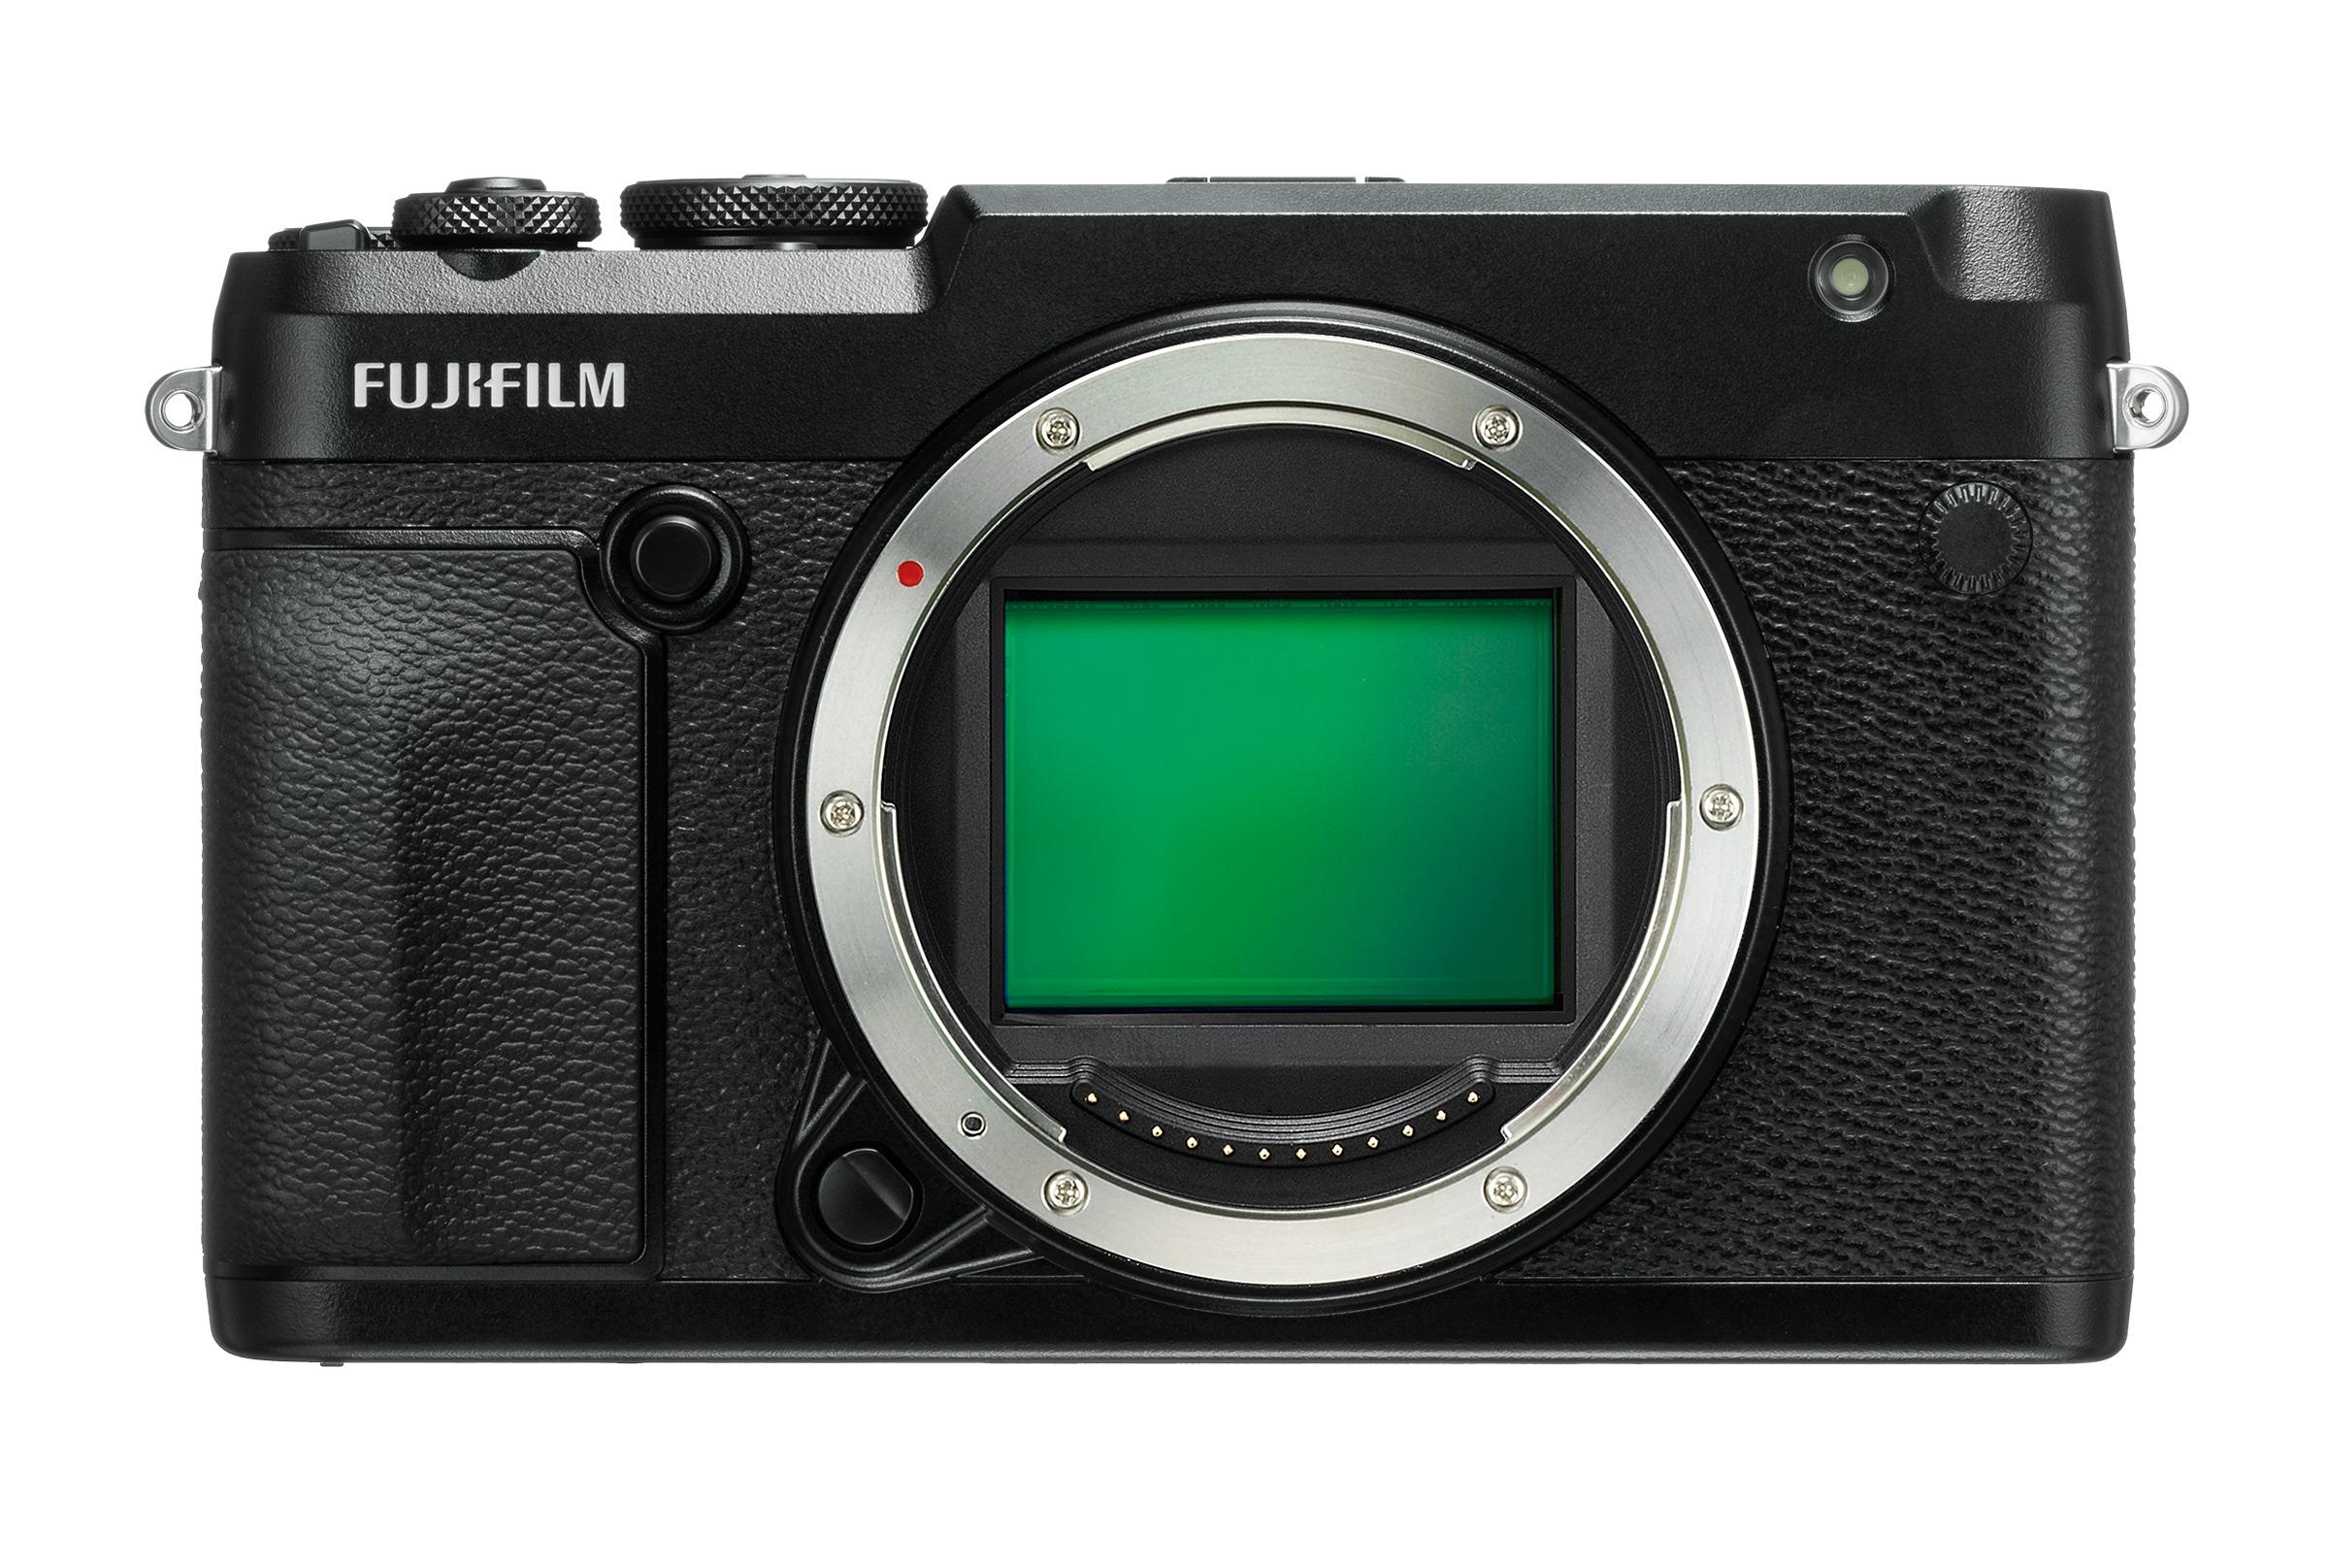 Tại Photokina năm nay, giữa chiến trường mở giữa các máy ảnh mirrorless full frame cao cấp, Fujifilm công bố một thứ còn hiện đại hơn, sang trọng hơn, ...